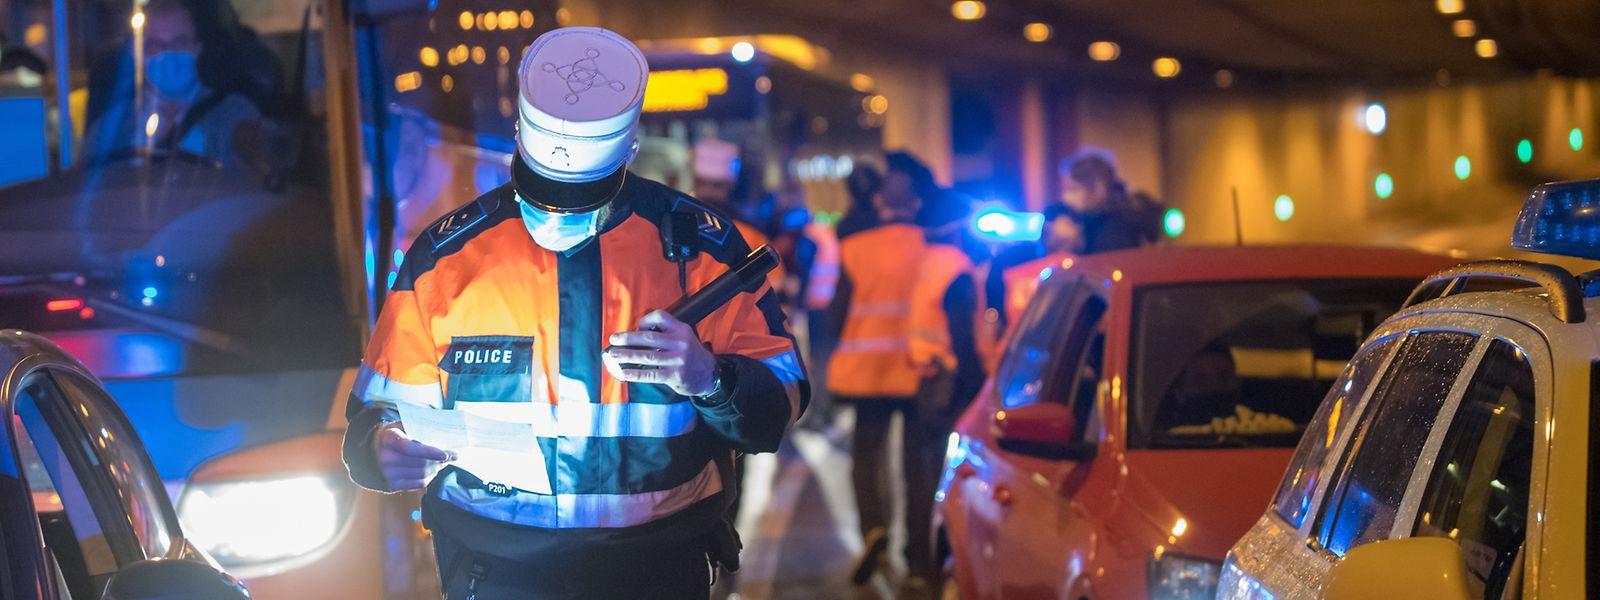 Die Polizei sprach die meisten Verwarnungen wegen Missachten der Ausgangssperre aus.